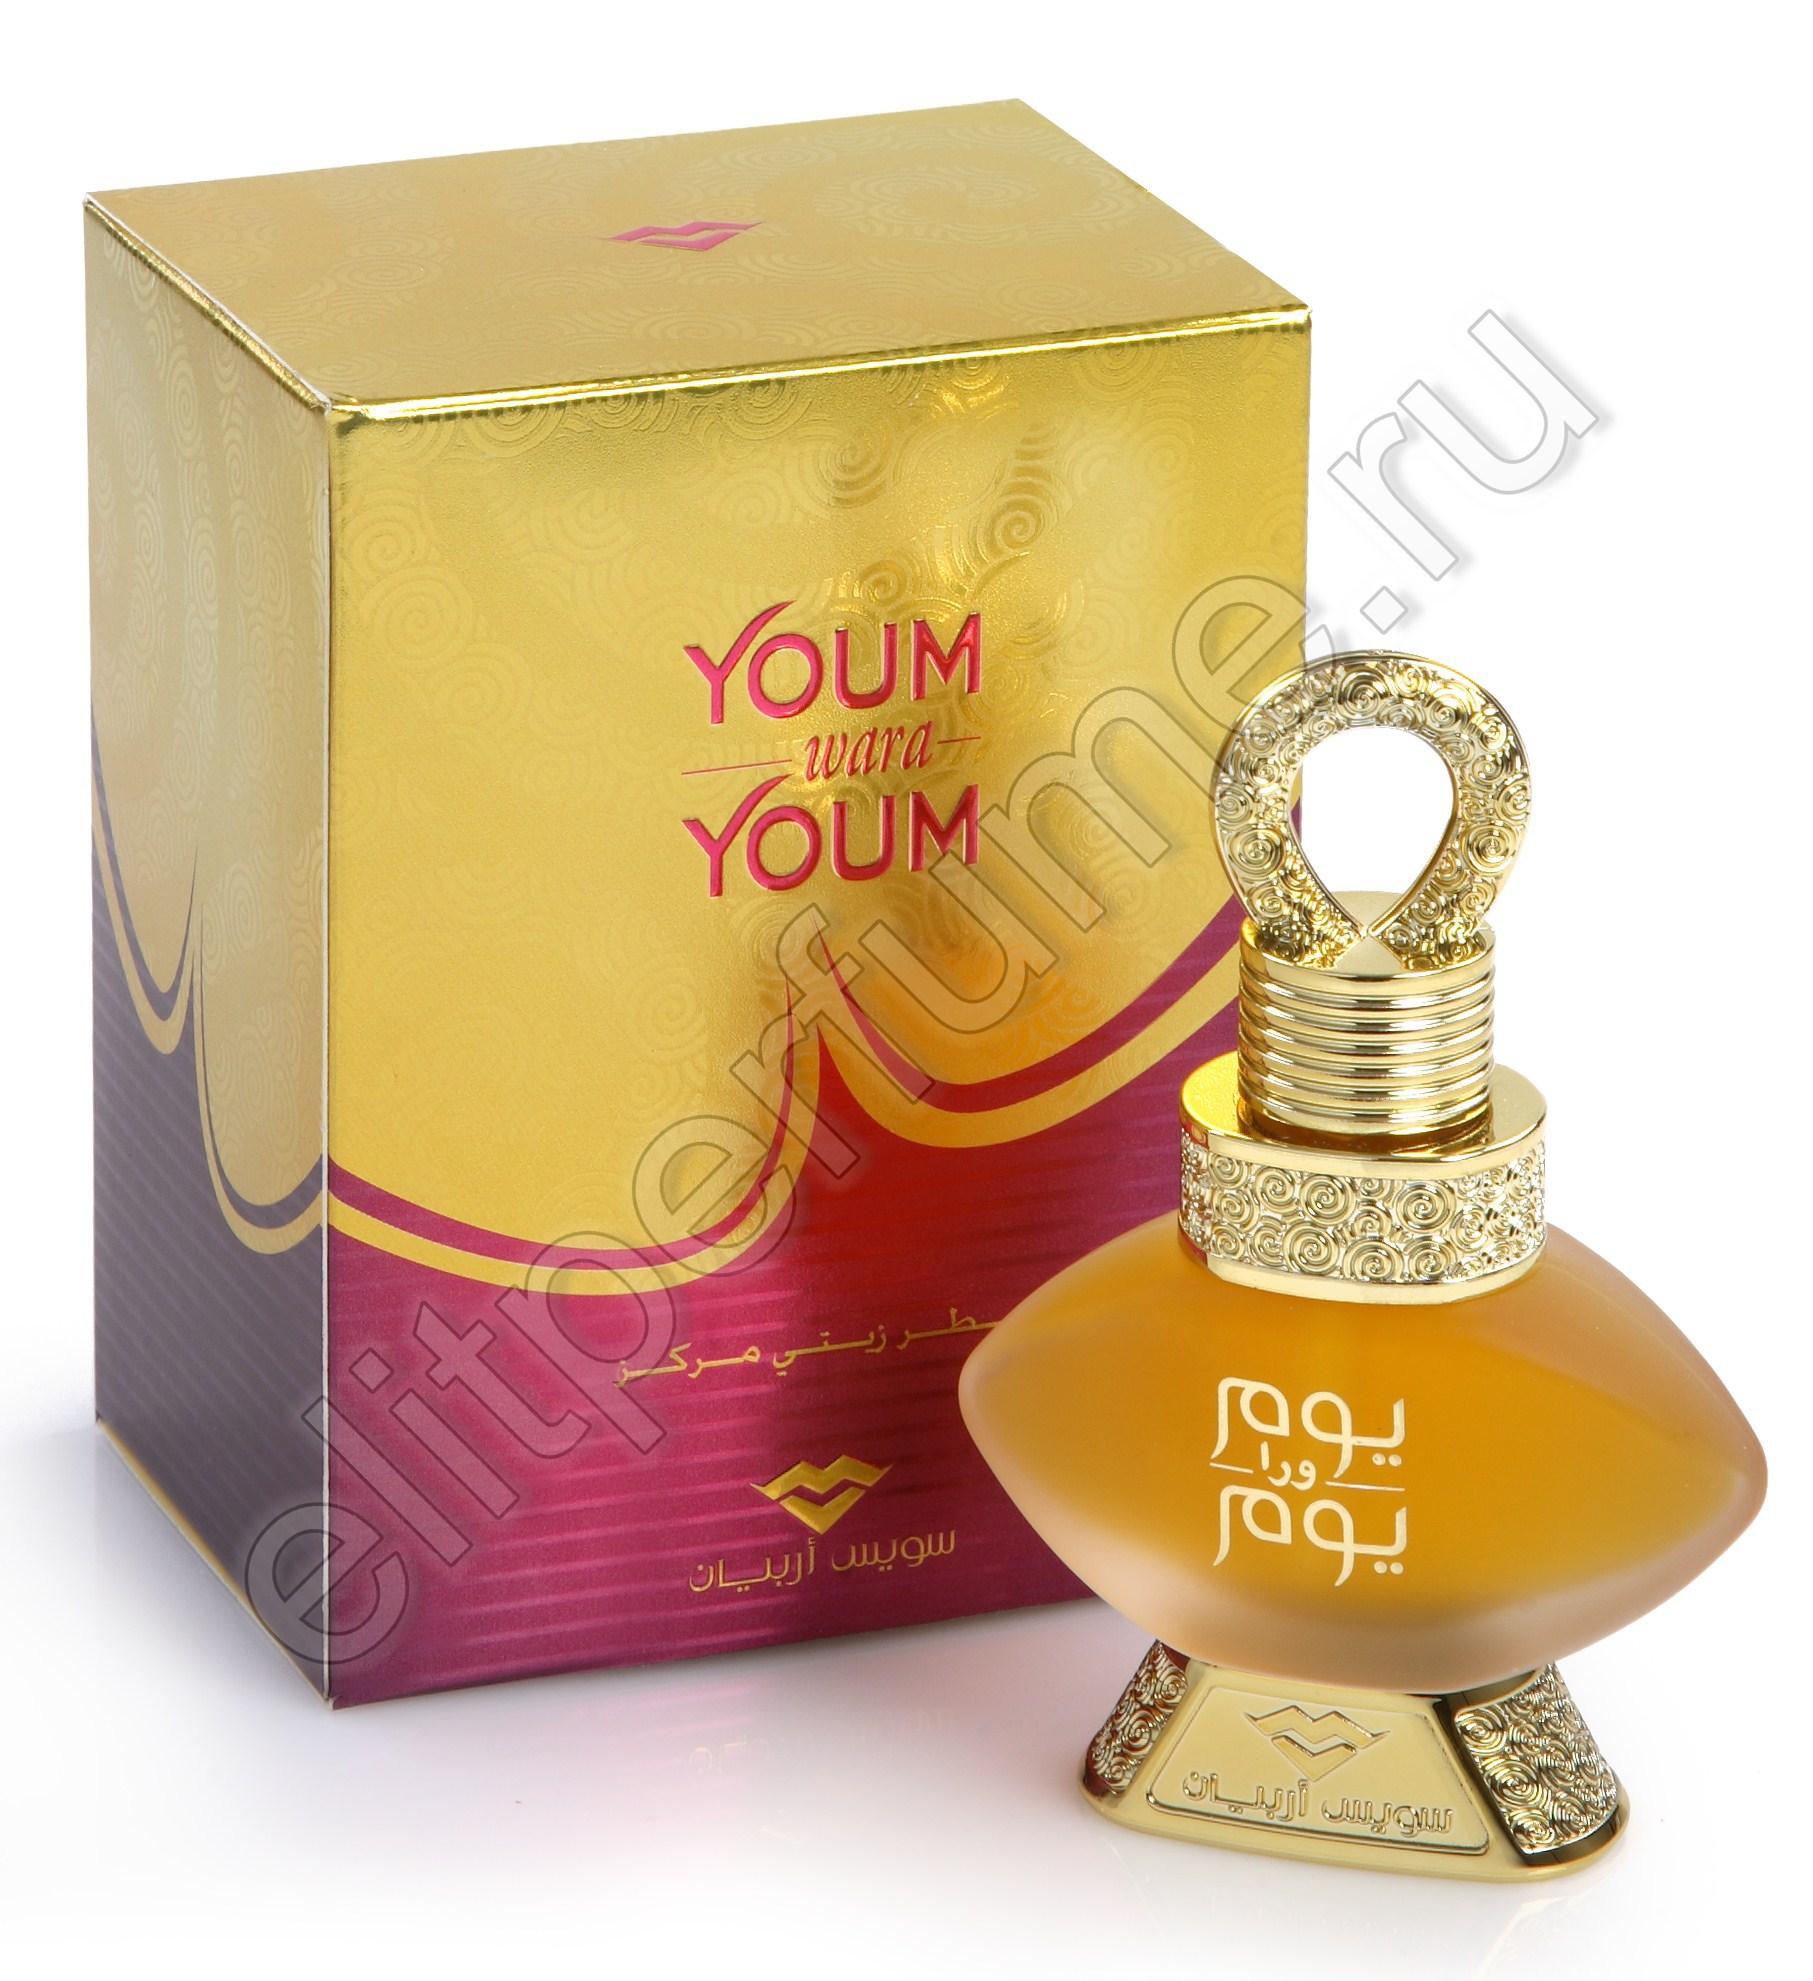 Пробники для арабских духов День За Днем Youm Wara Youm 1 мл арабские масляные духи от Свисс Арабиан Swiss Arabian